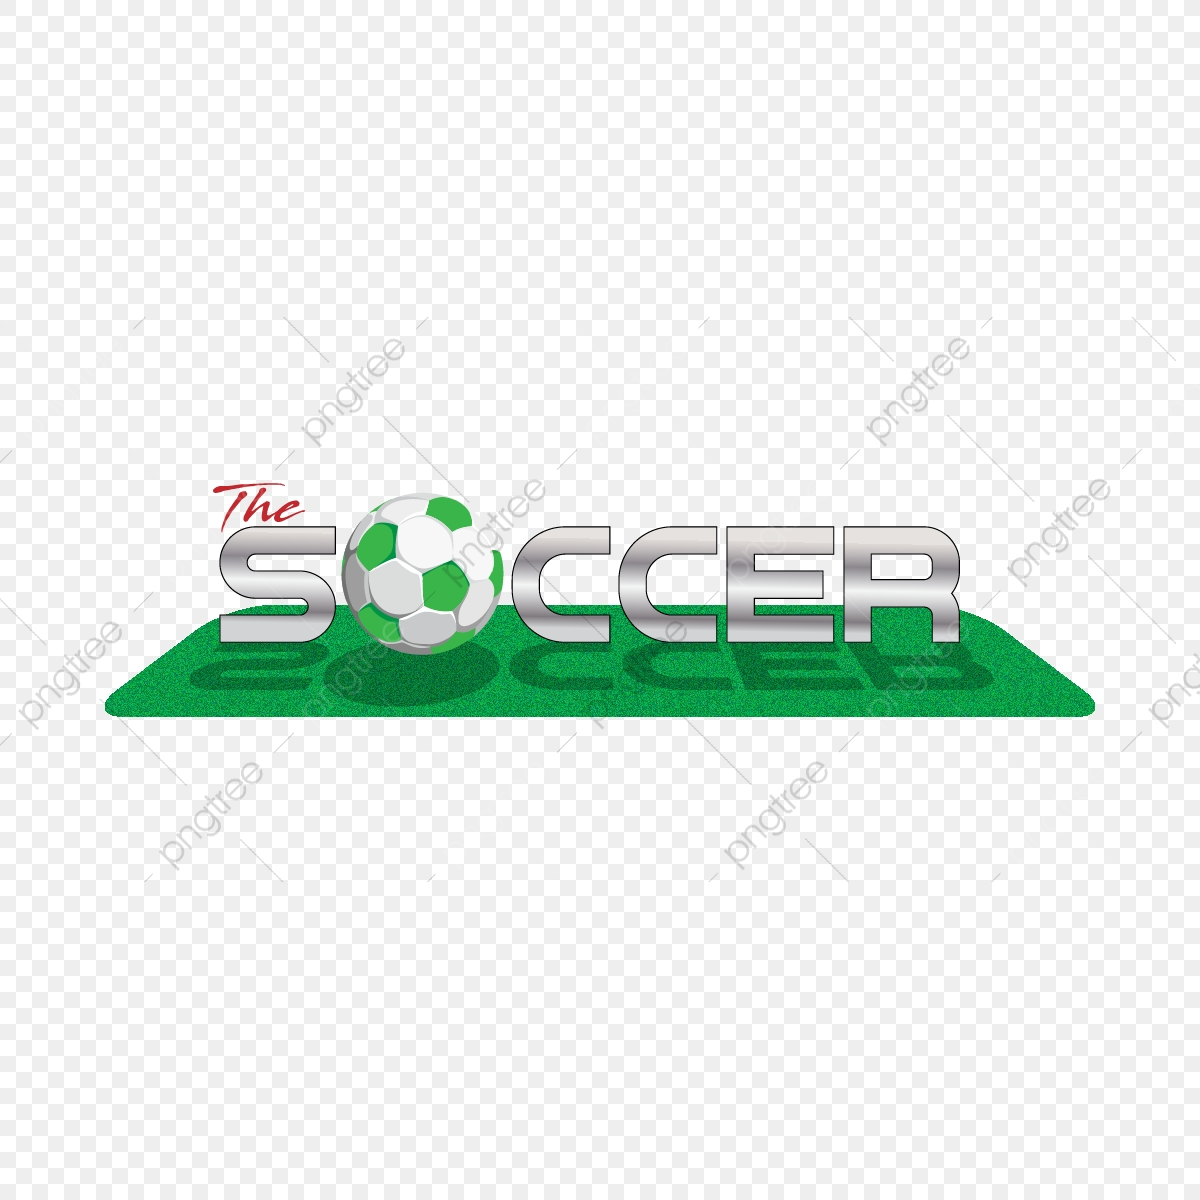 Silberne Fussball Fussball Feldgrafik 3d Logo Gras Textur 3d